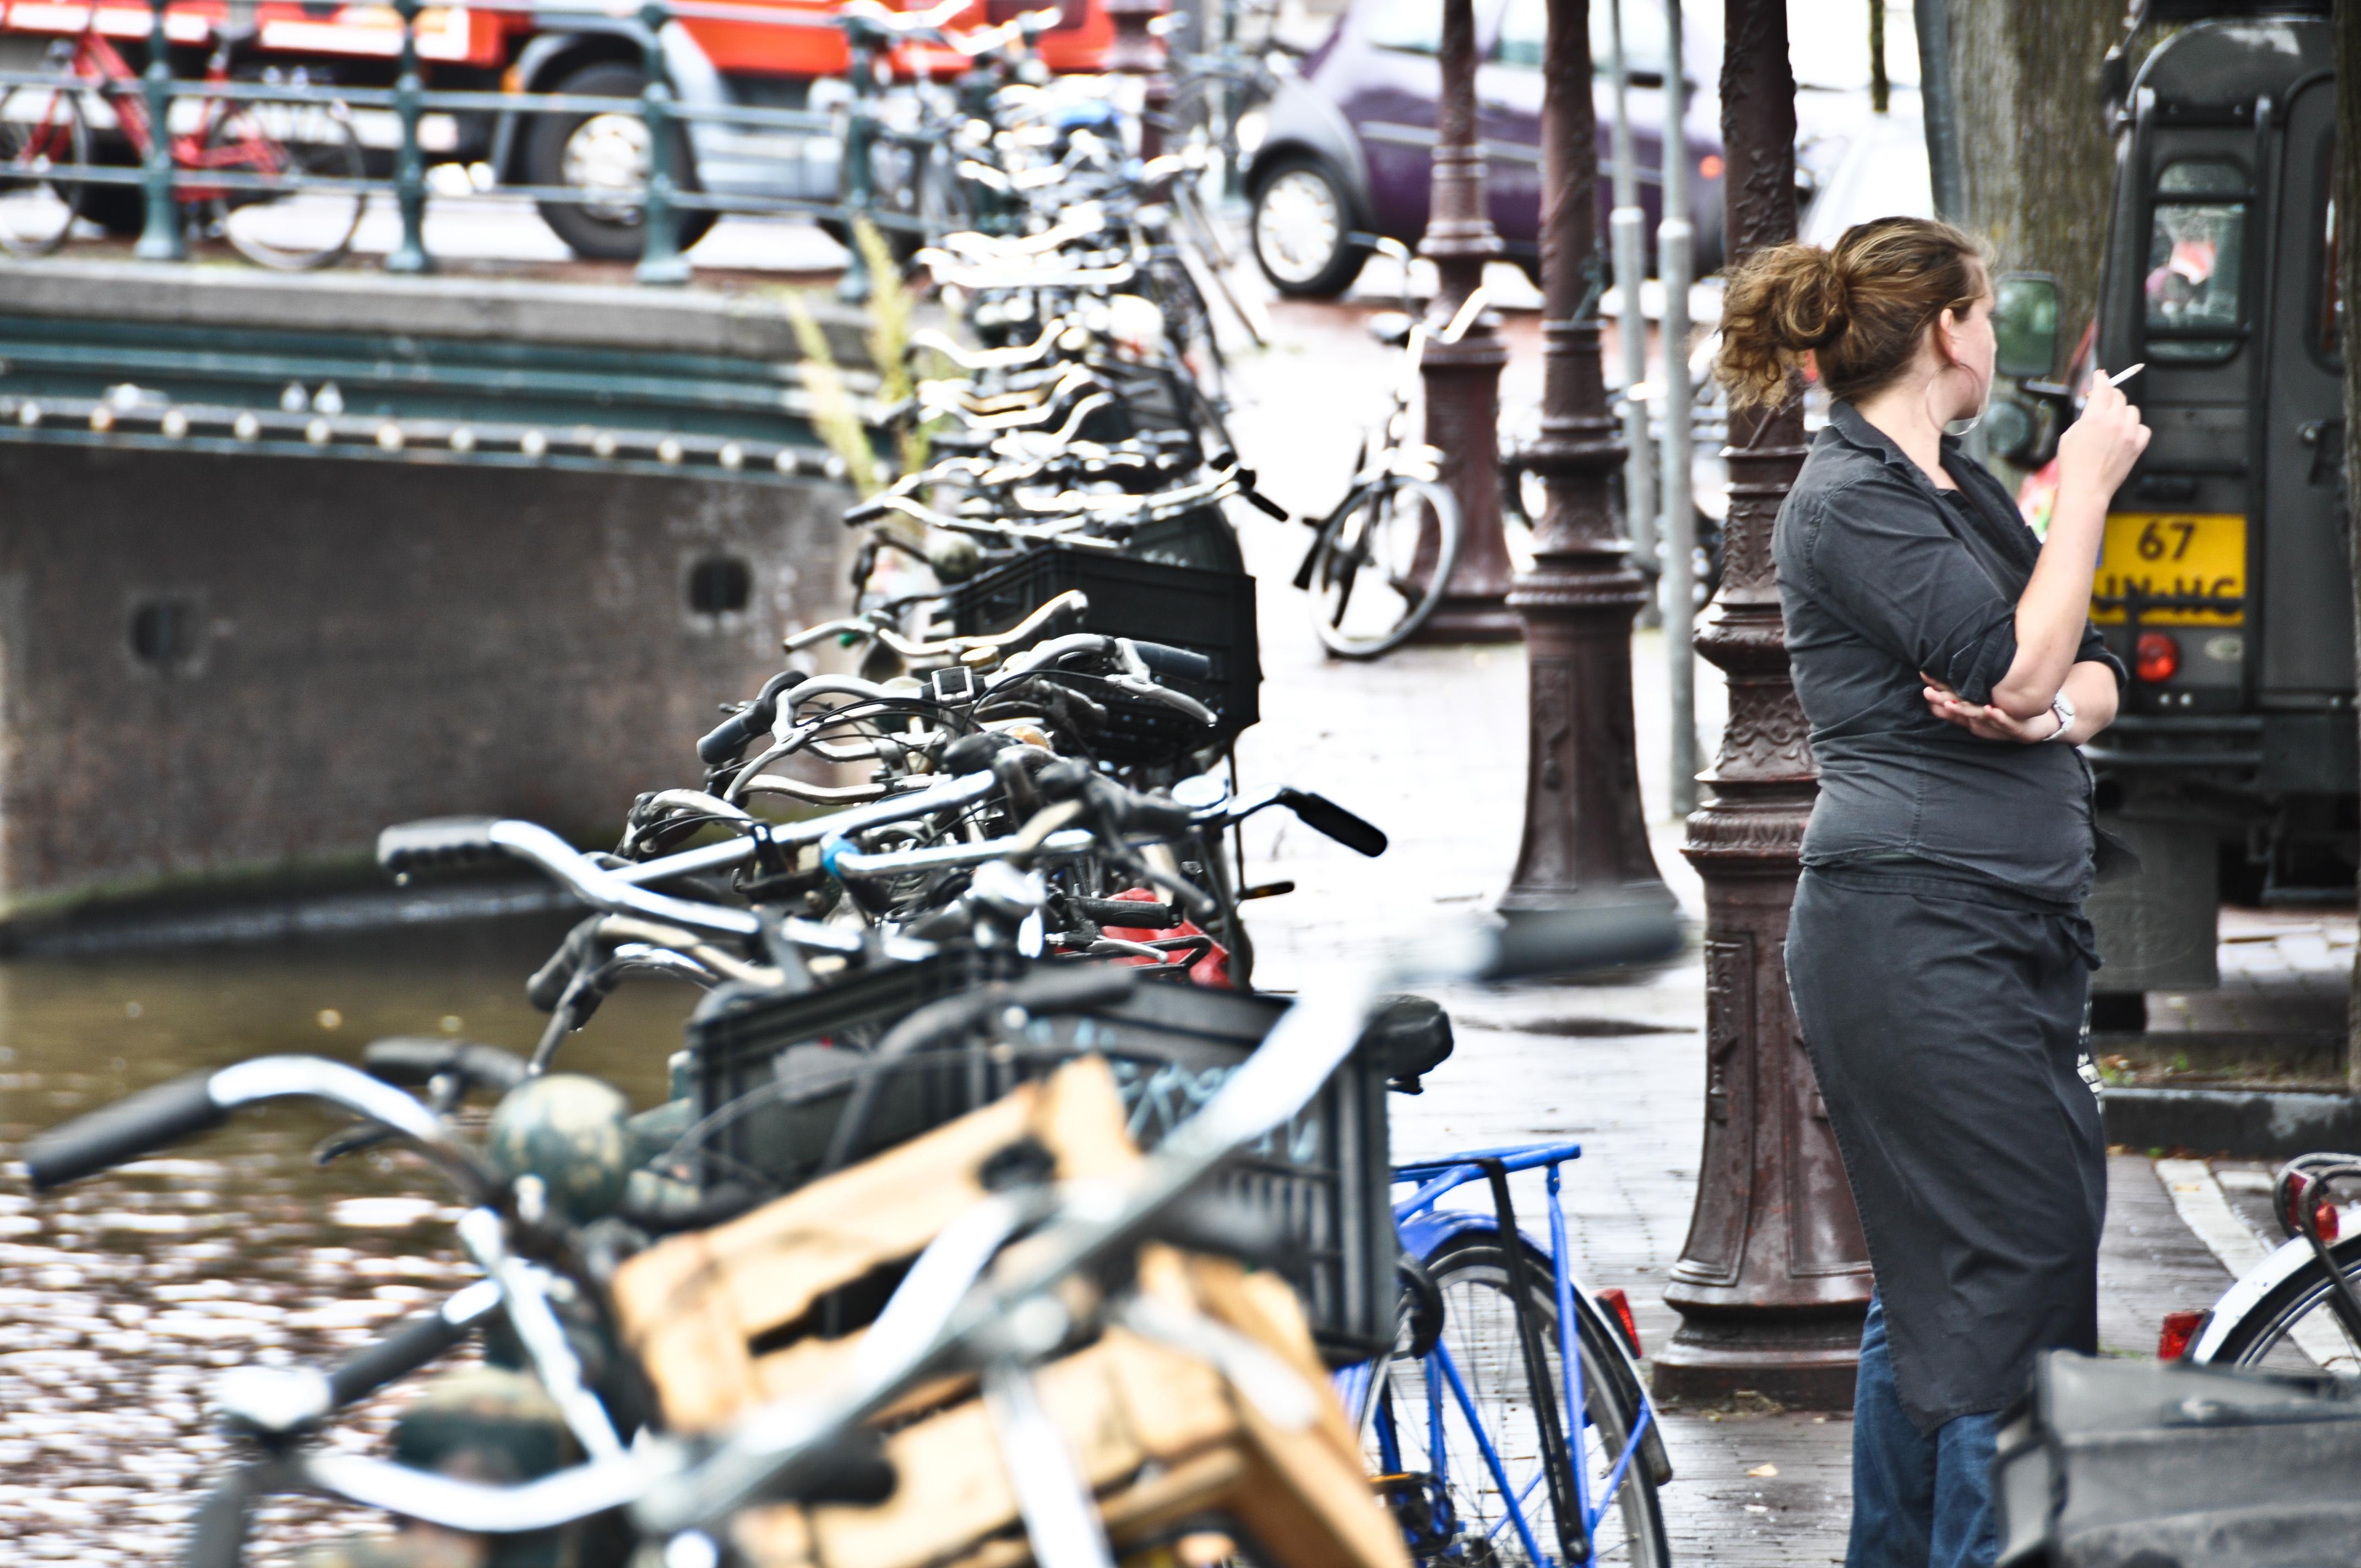 woman smoking with row of bikes